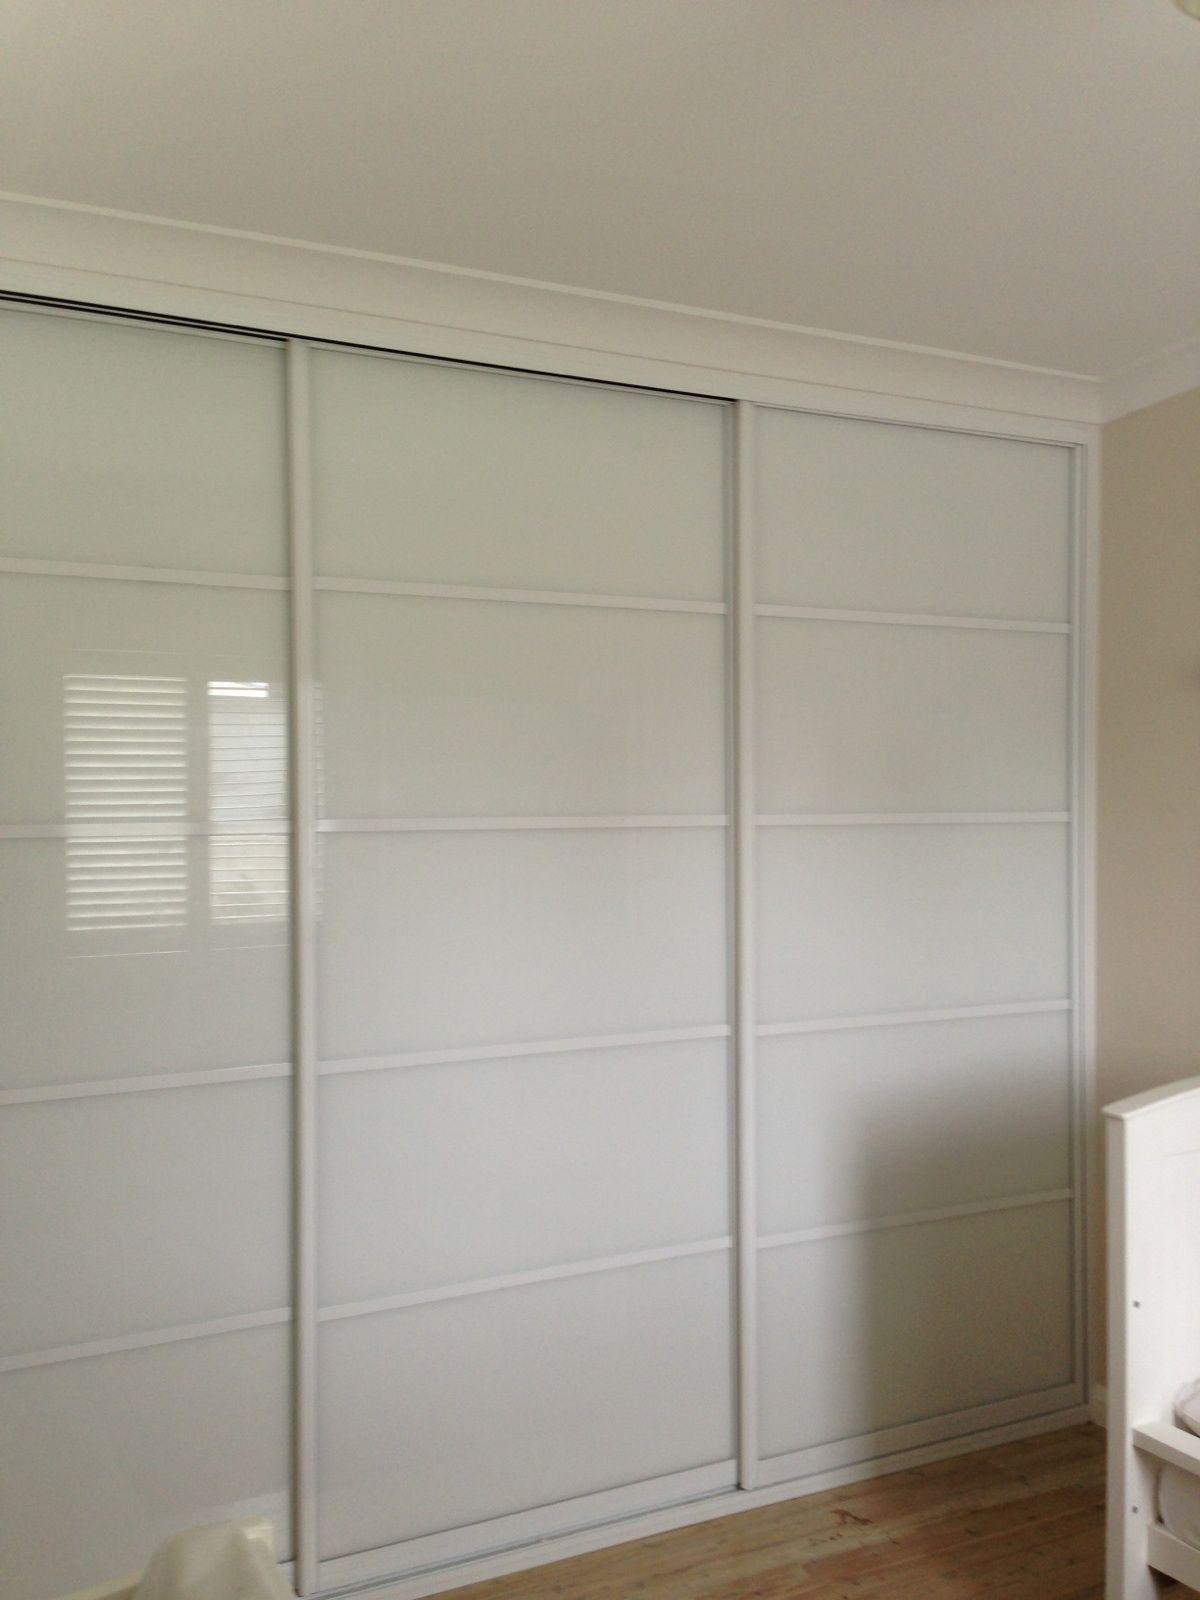 Oz Robes Supa White On White Sliding Wardrobe Doors Built In Wardrobe Designs Sliding Wardrobe Doors Ikea Built In Wardrobes